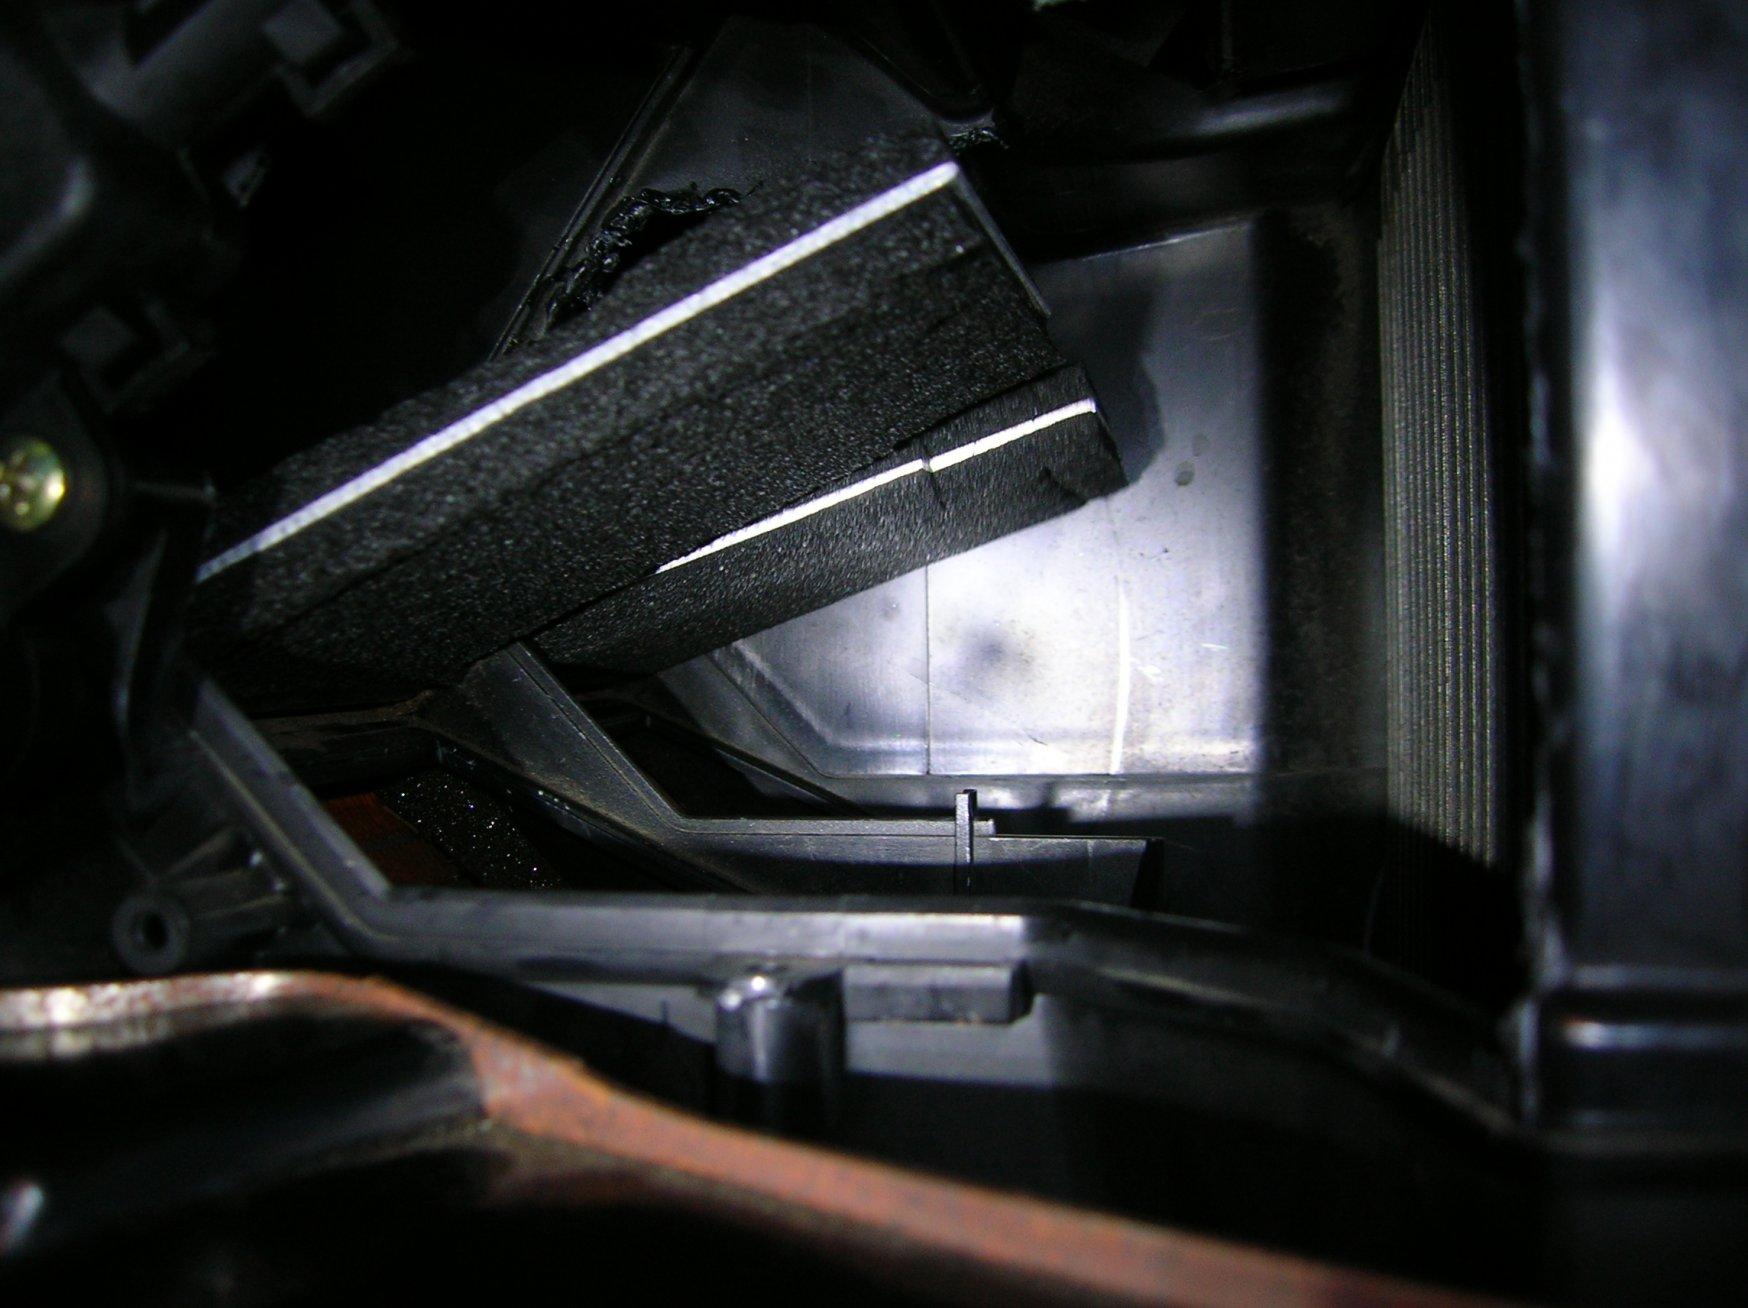 dscn6633.jpg